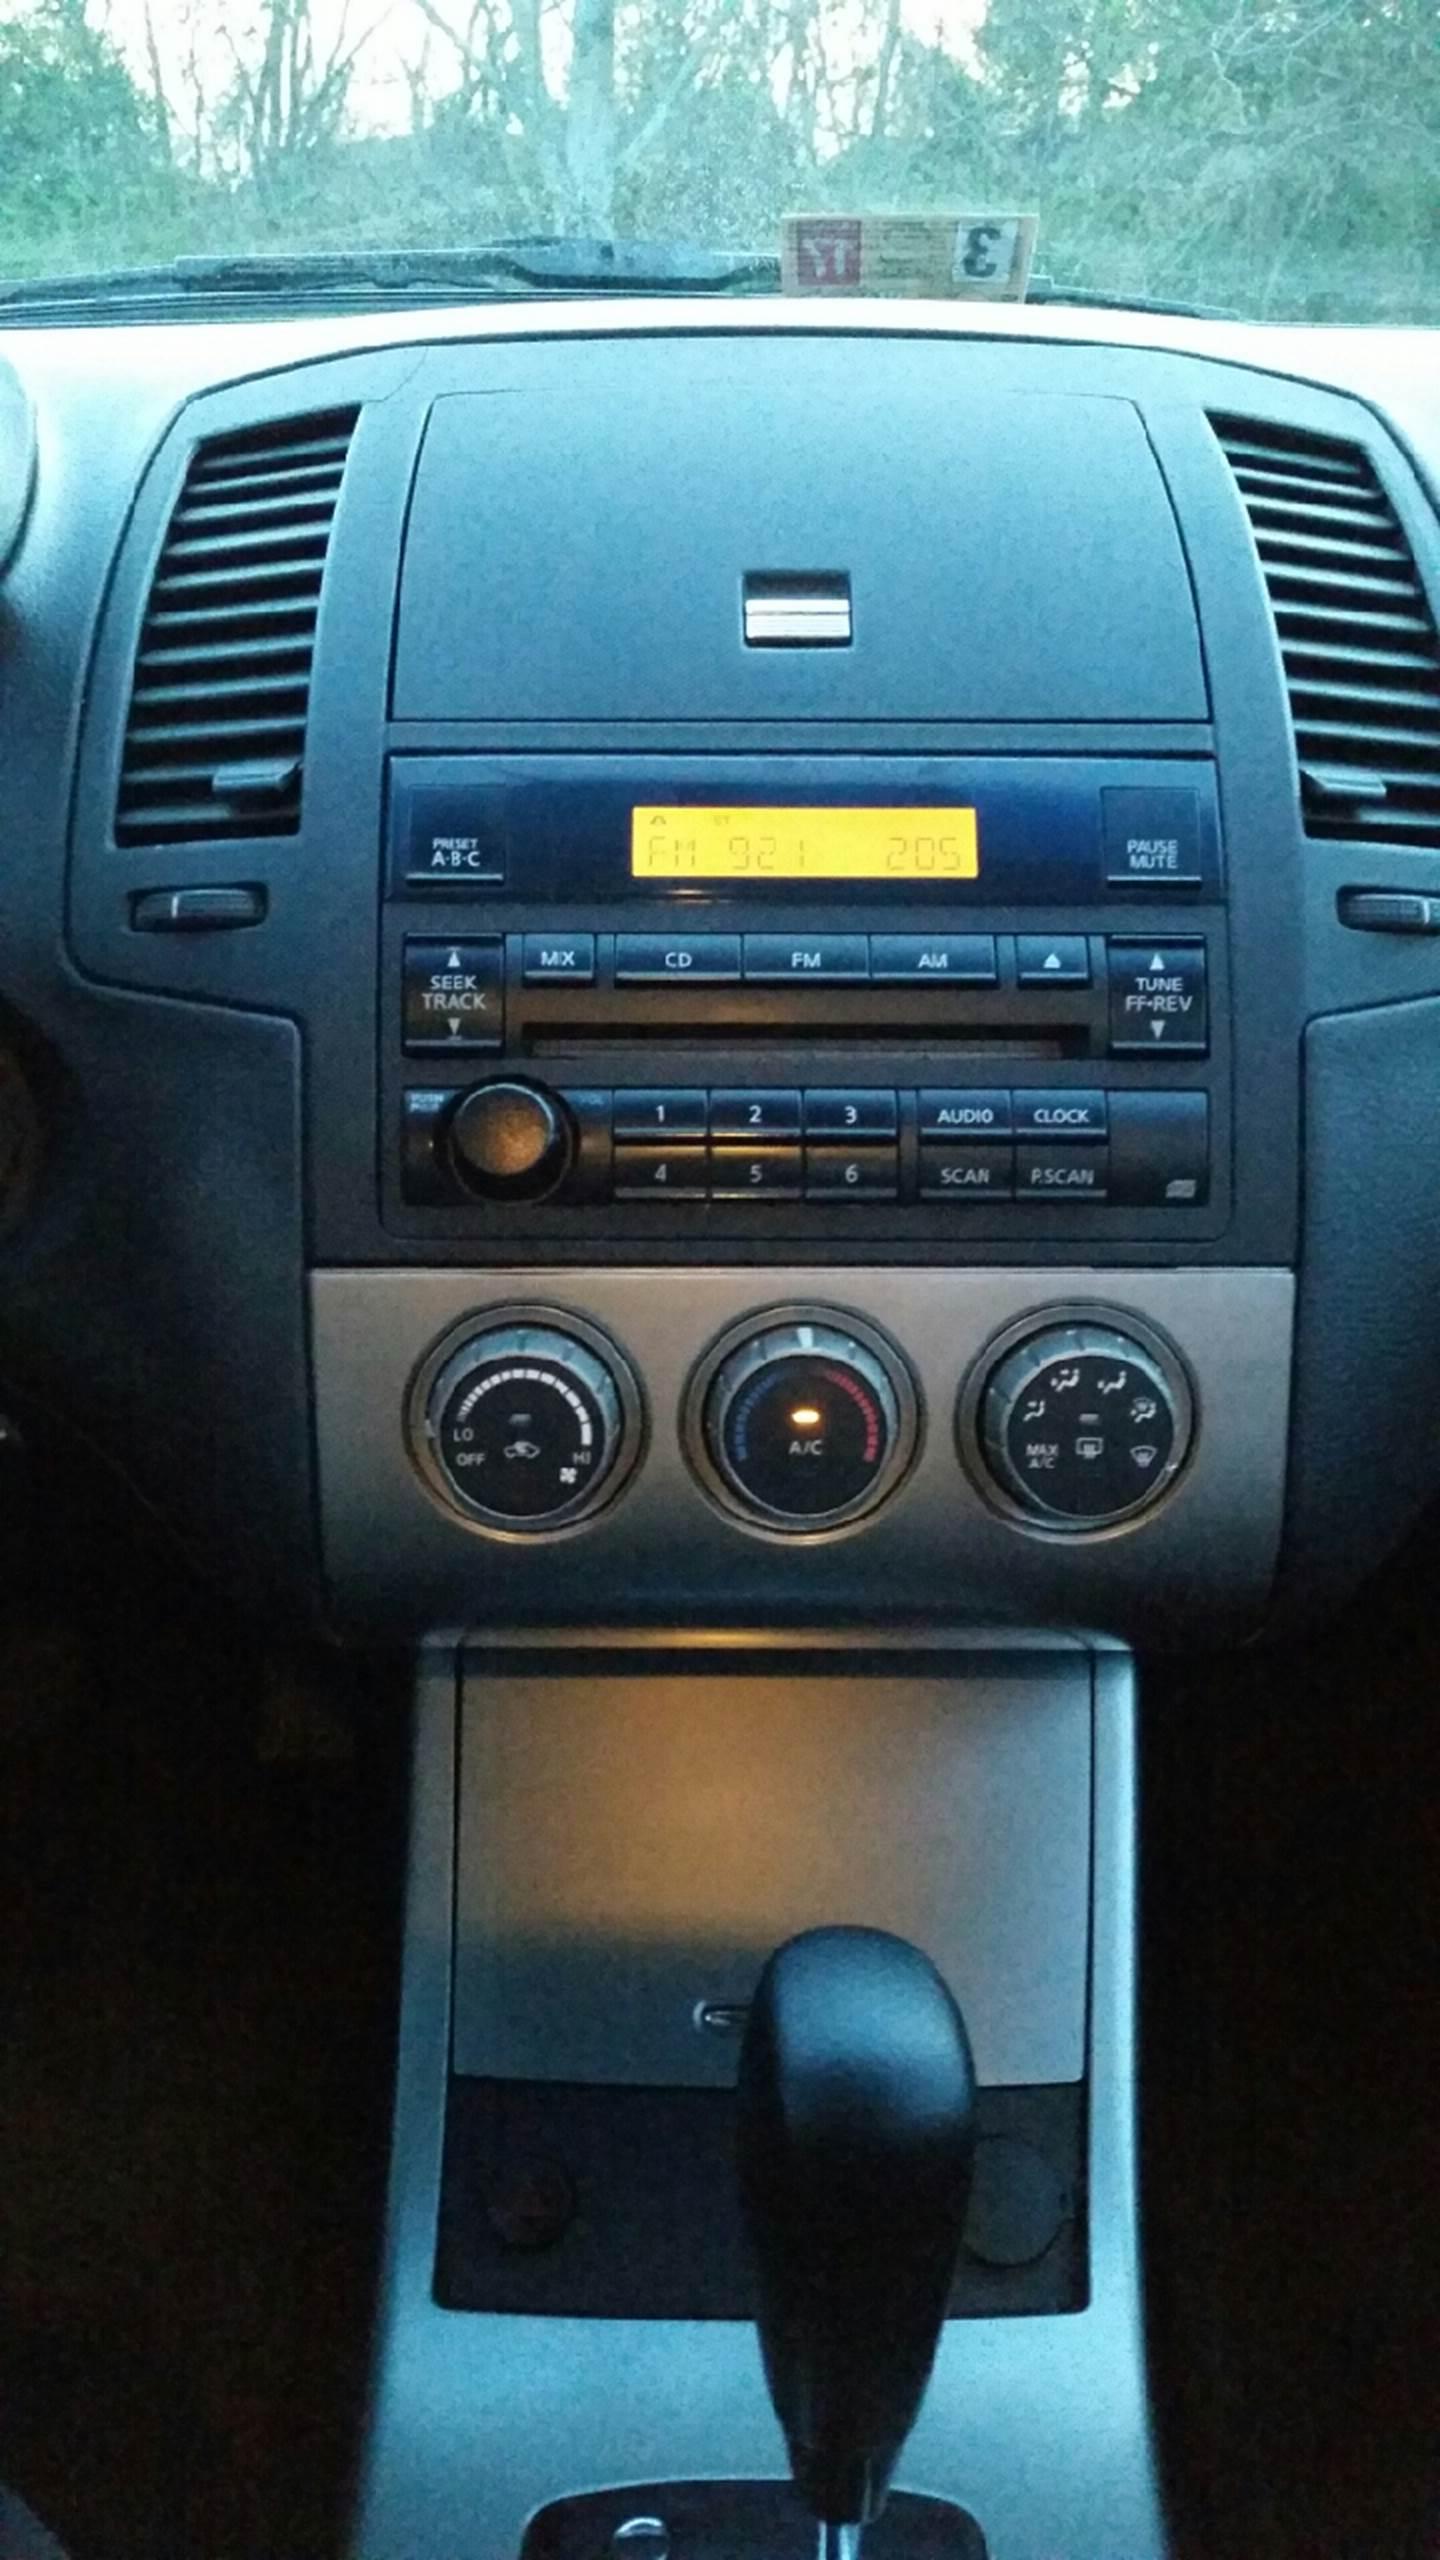 2005 nissan altima 2.5 s 4dr sedan in norfolk va - pride automotive